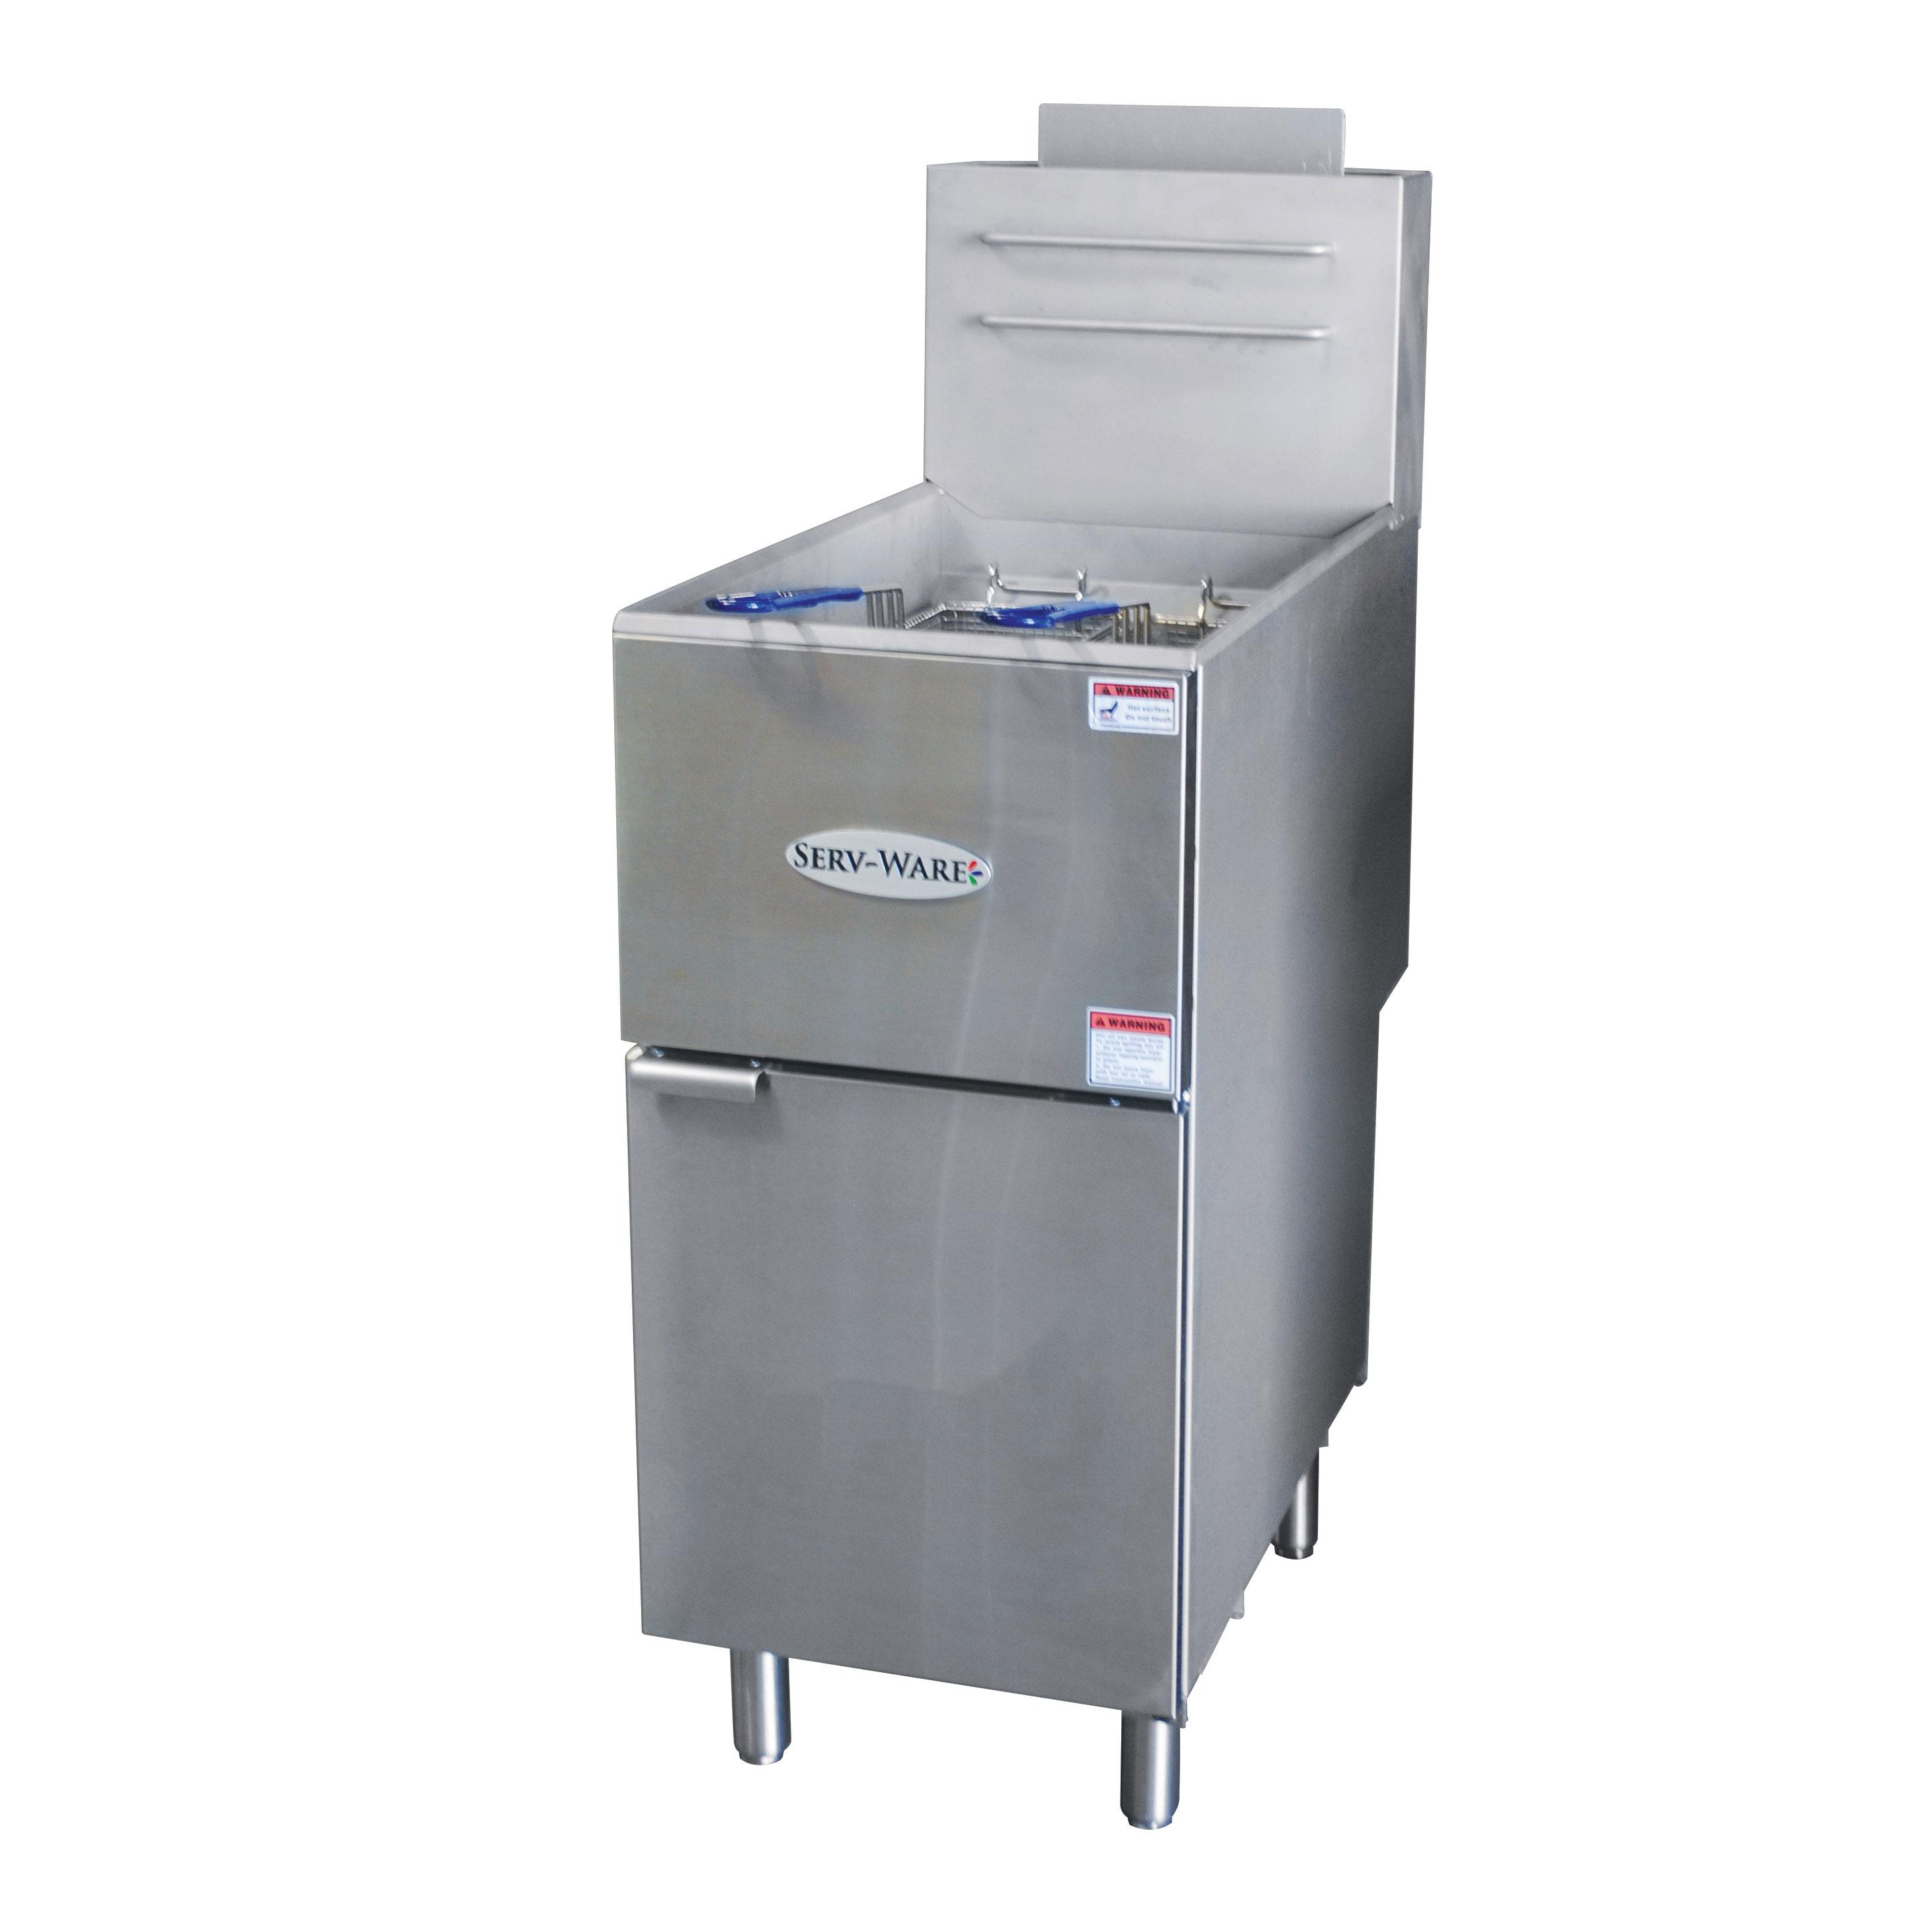 Serv-Ware SGF-40N fryer, gas, floor model, full pot